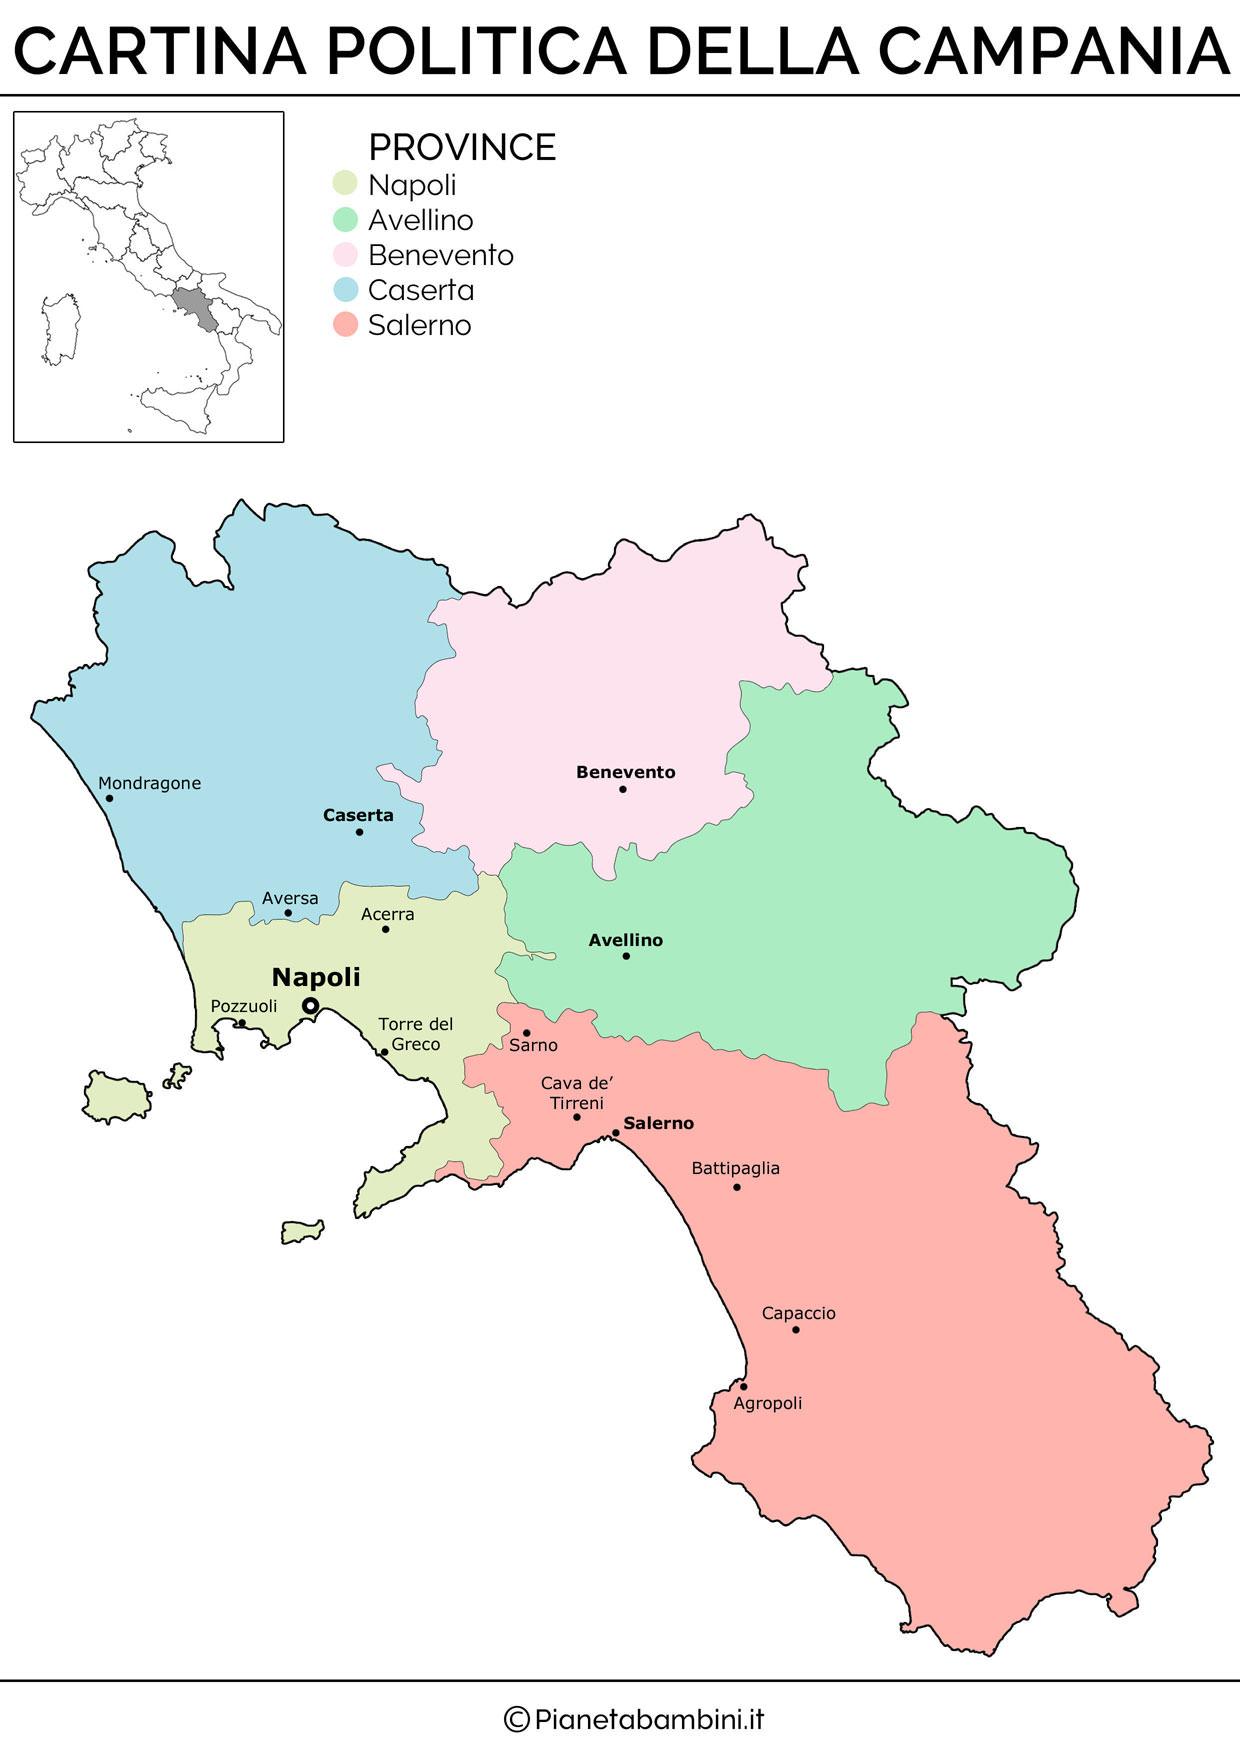 Cartina della Campania in versione politica